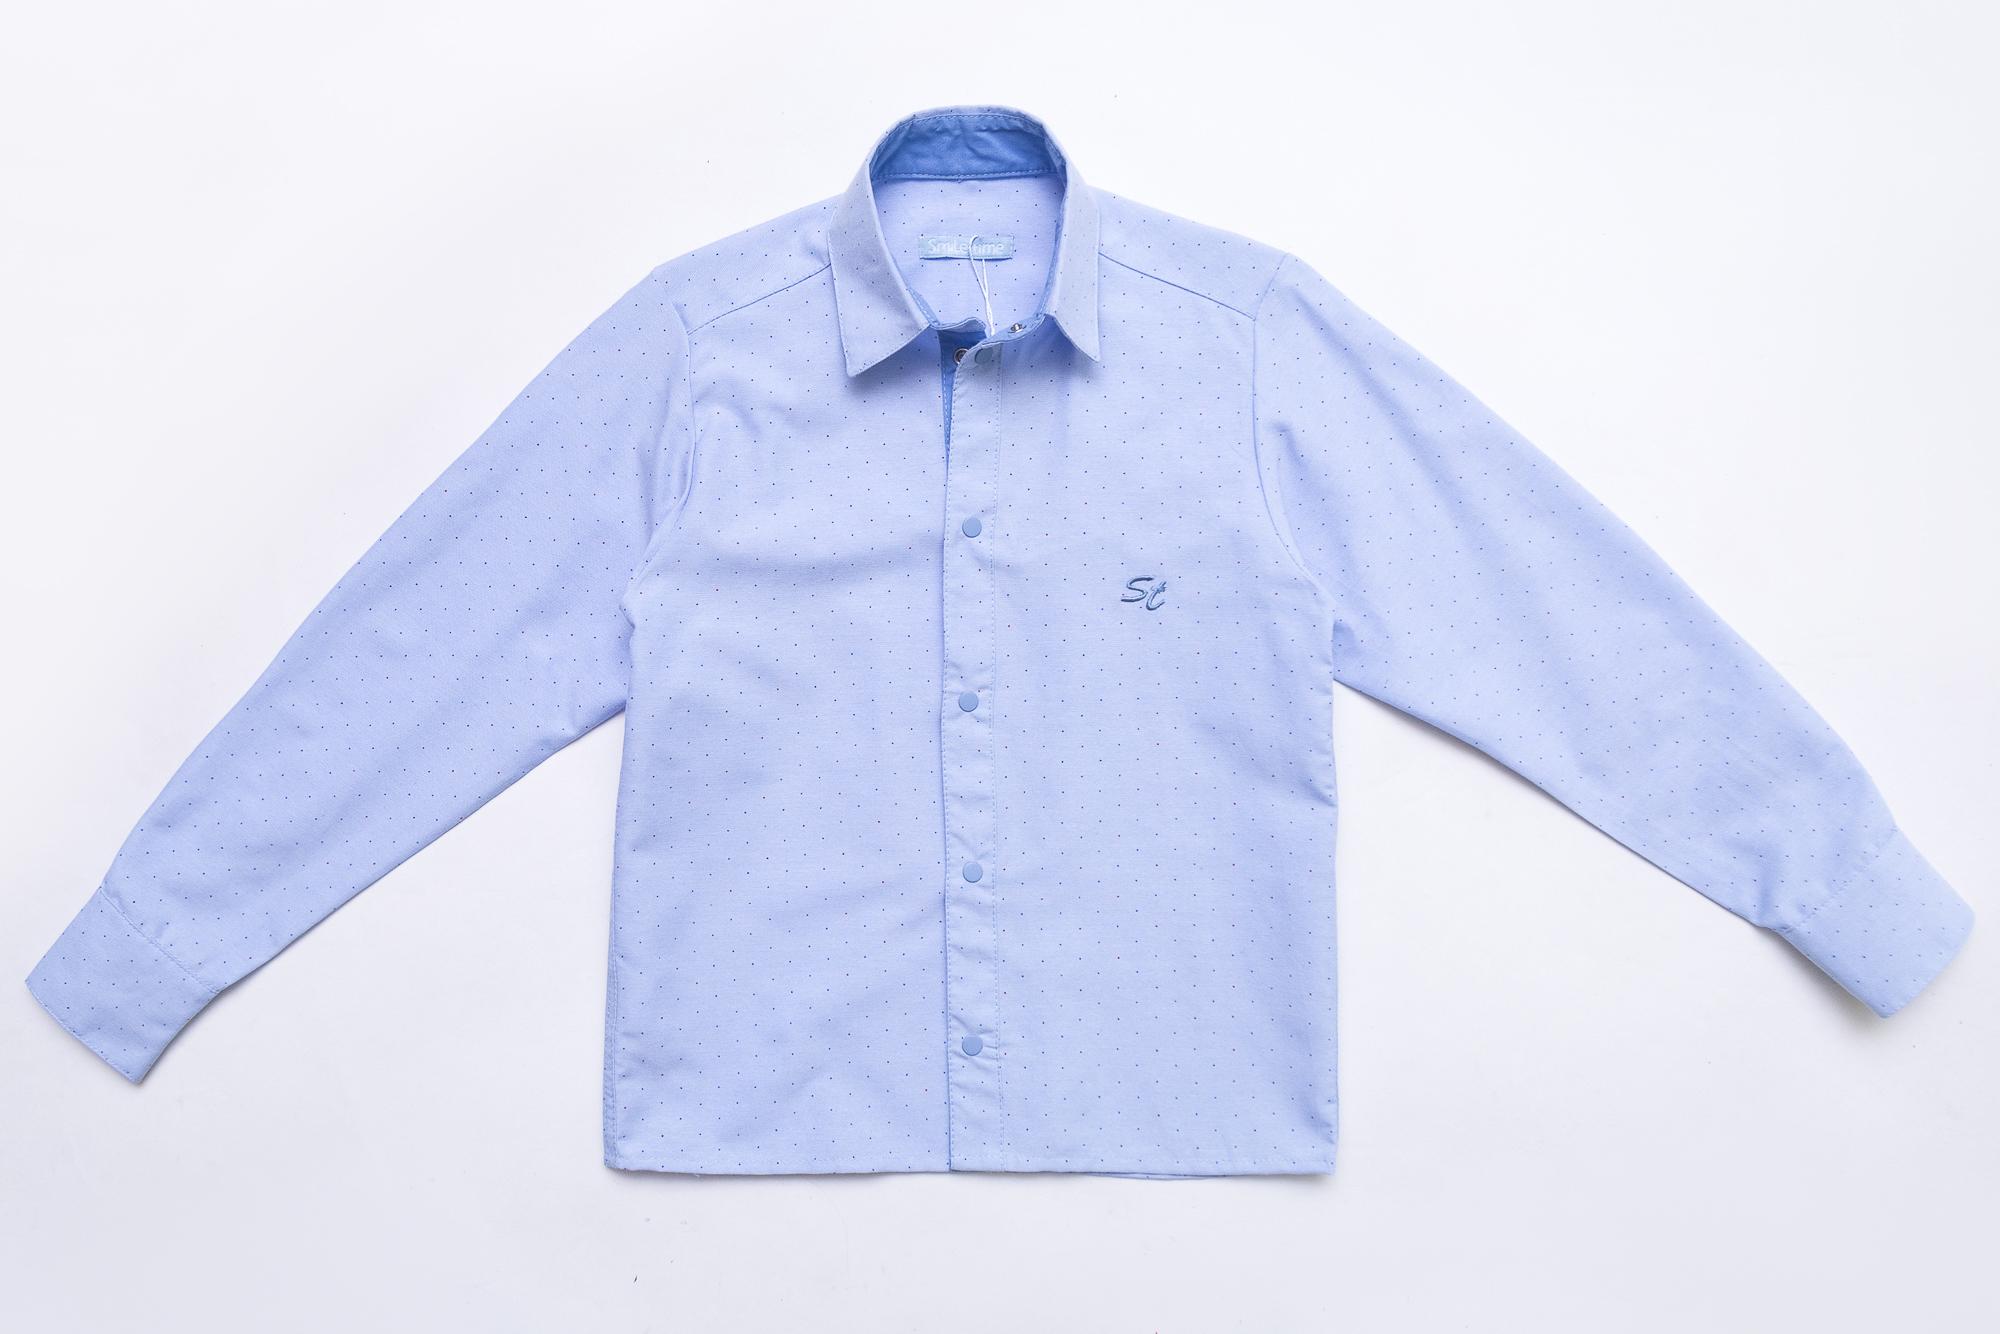 Рубашка SmileTime для мальчика с длинным рукавом детская на кнопках Points, голубая